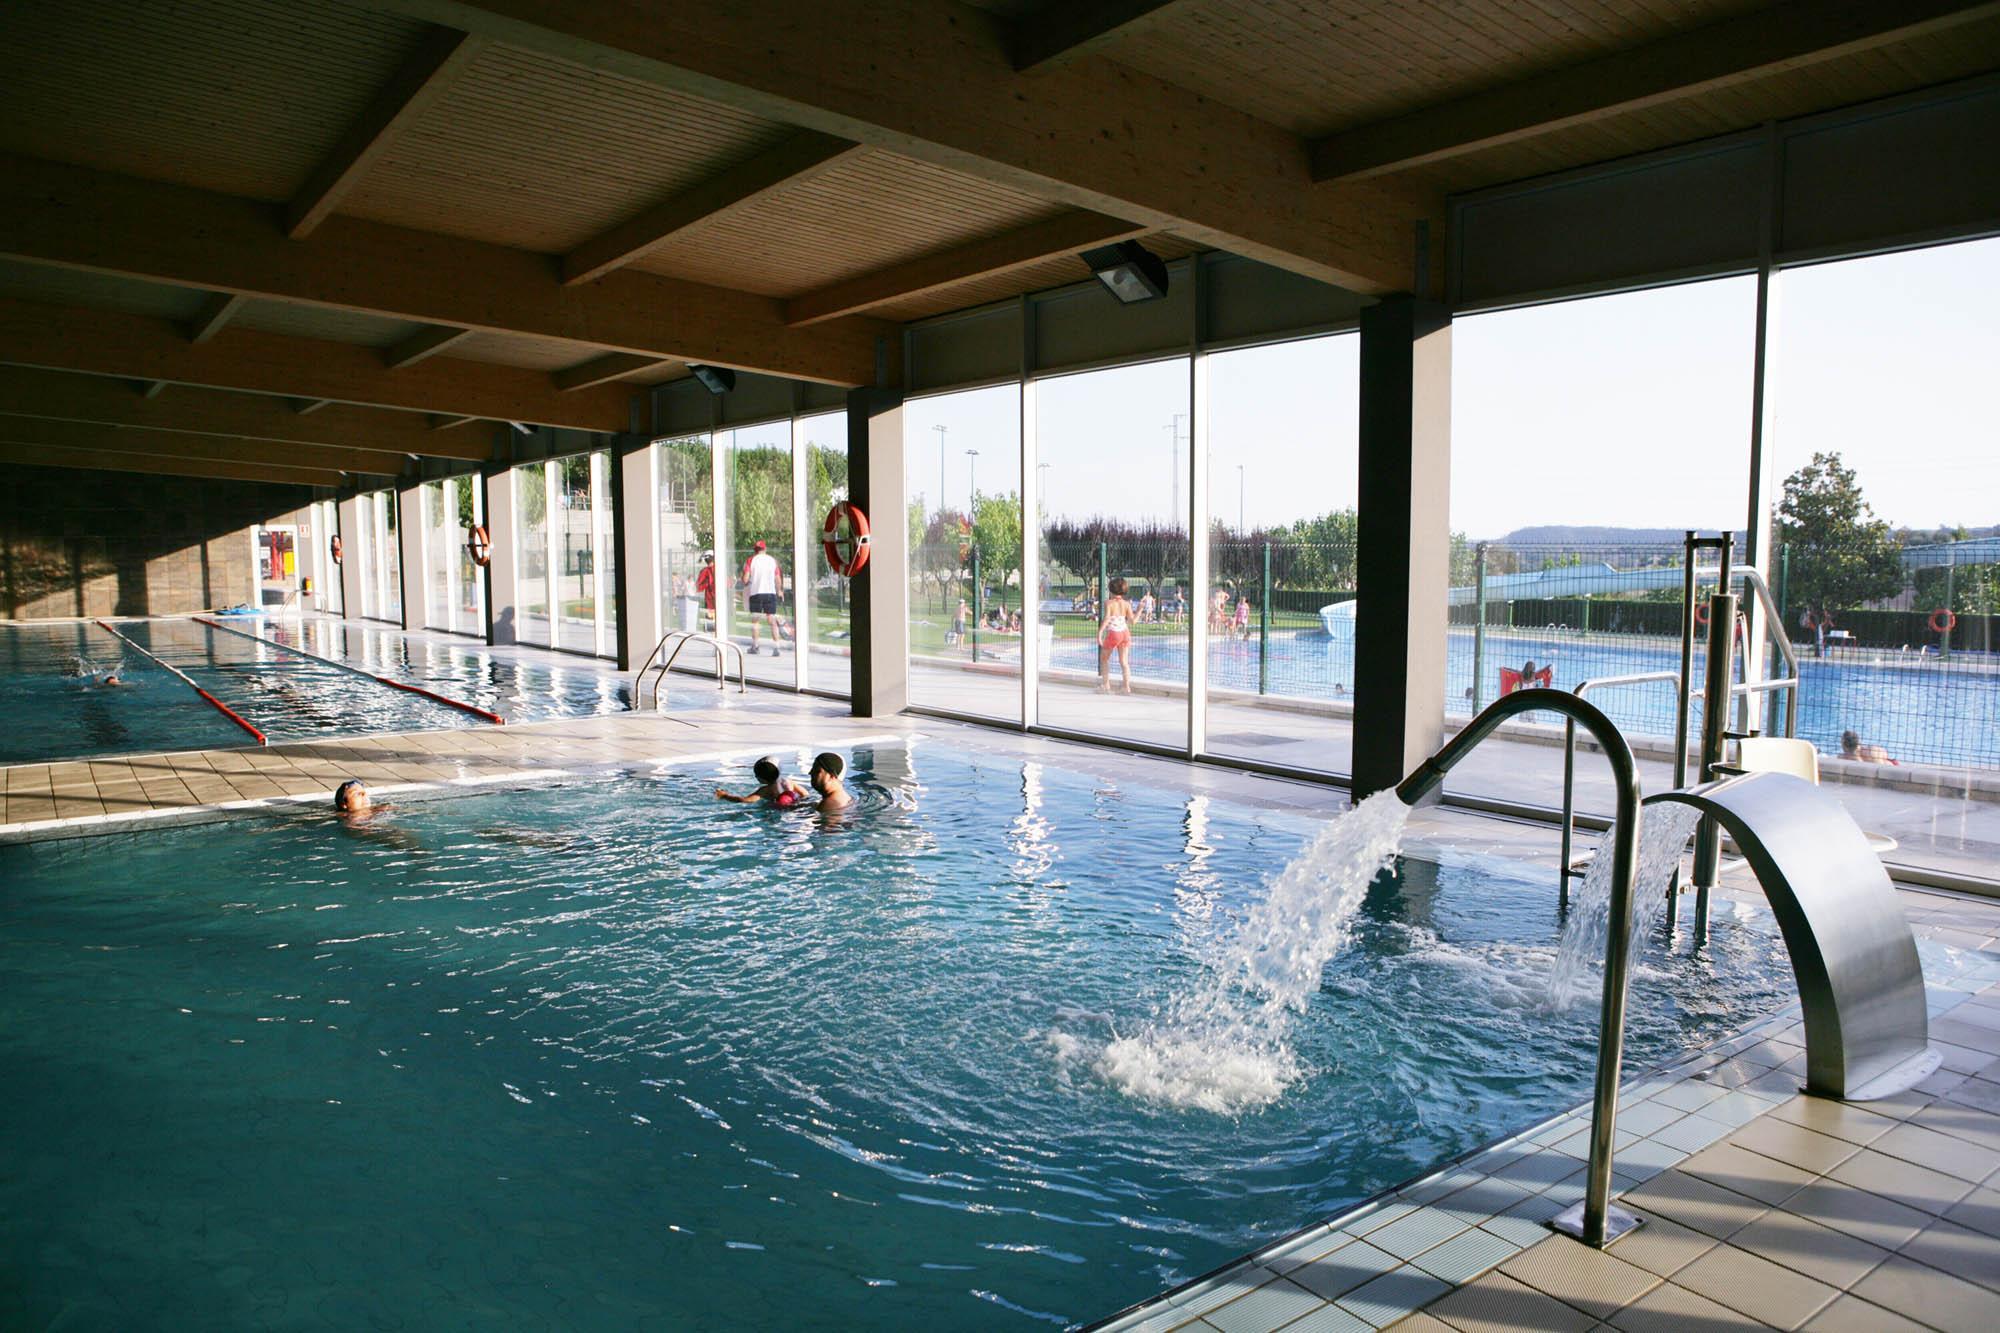 Camping berga resort 1189 - Camping en oliva con piscina ...